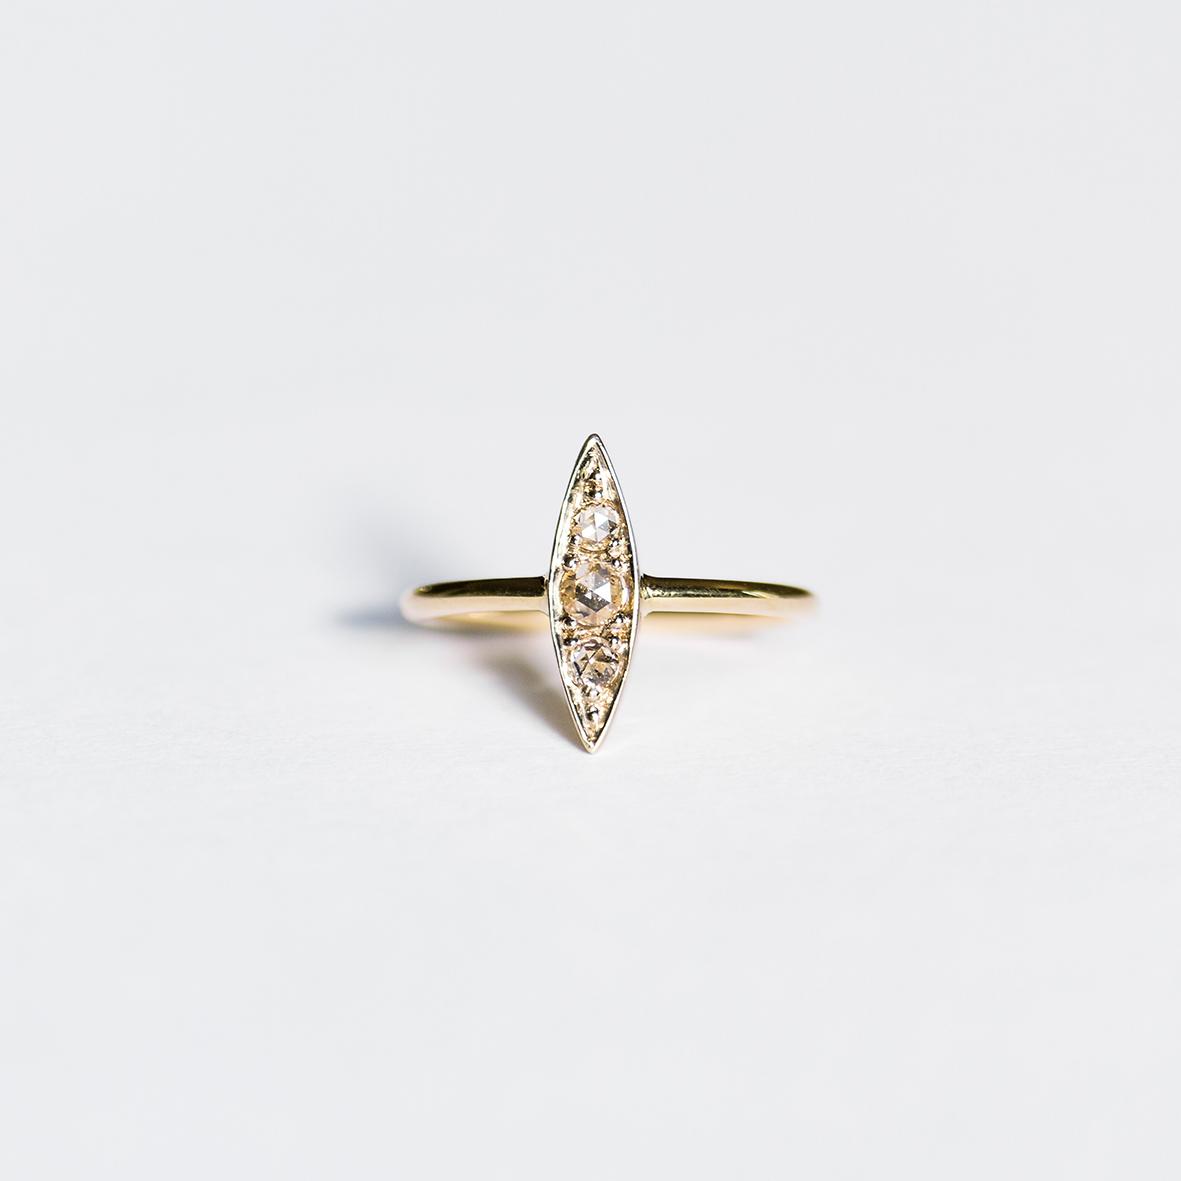 2. OONA_lotus_ficha1_leaf ring copia